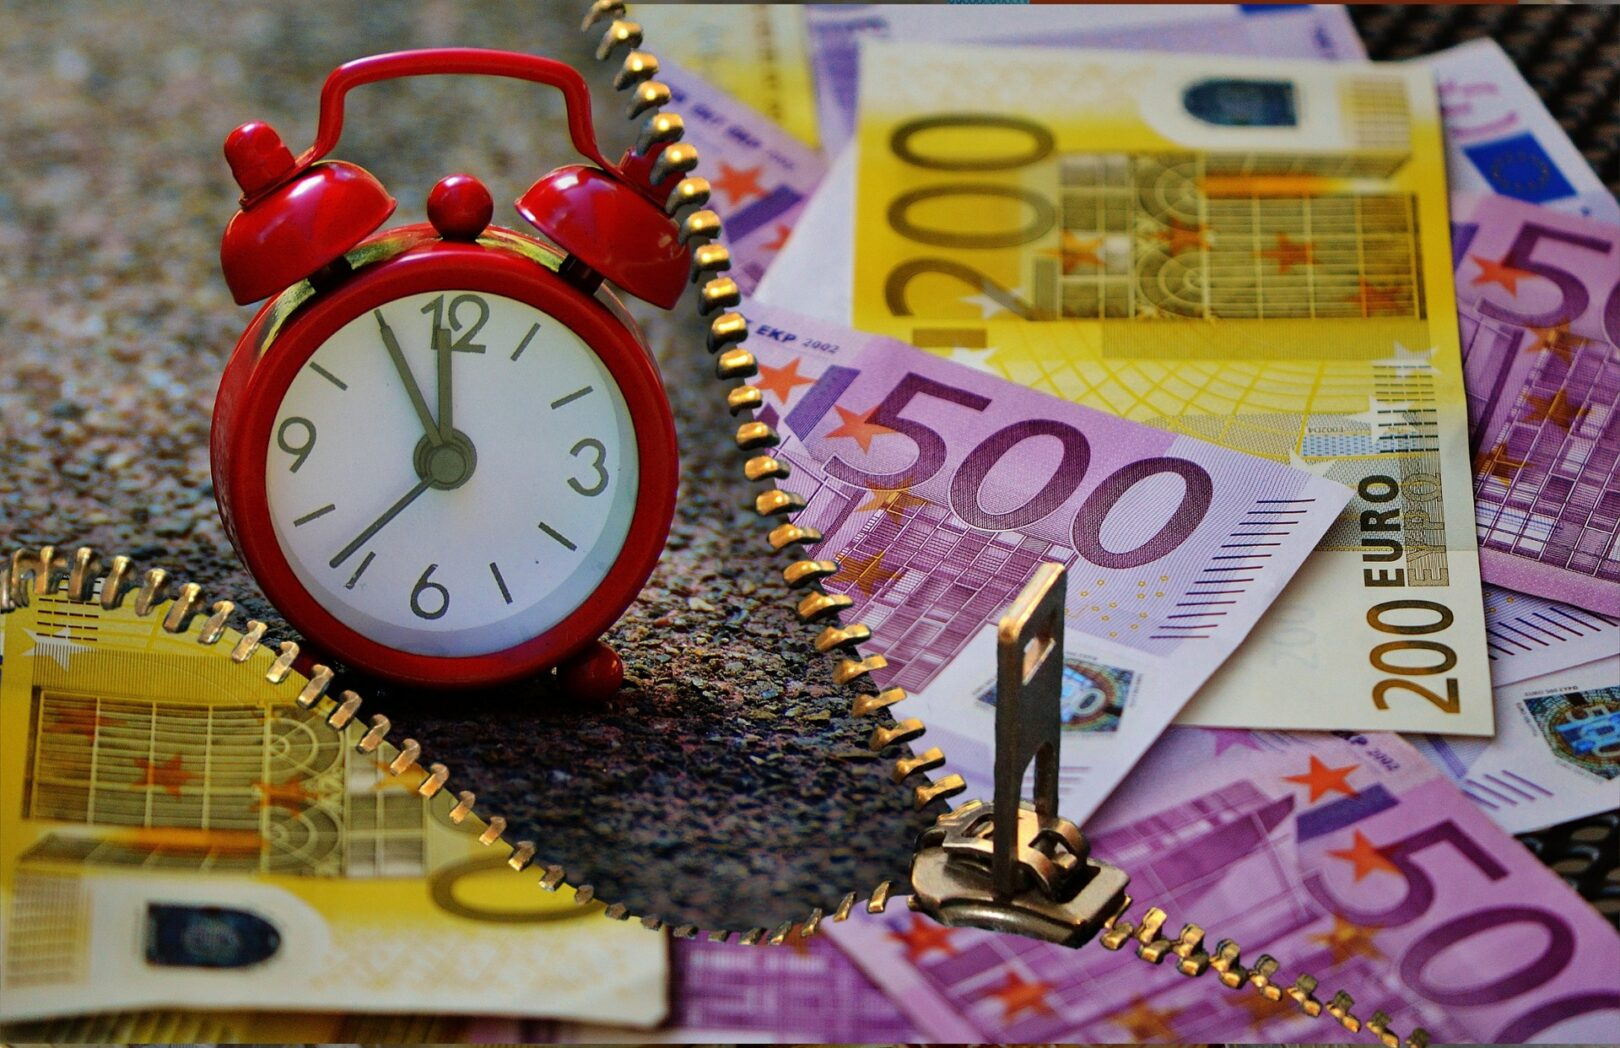 Od izplačila kriznega dodatka v višini 200 evrov se ne obračunajo in ne plačajo prispevki za socialno varnost niti akontacija dohodnine.